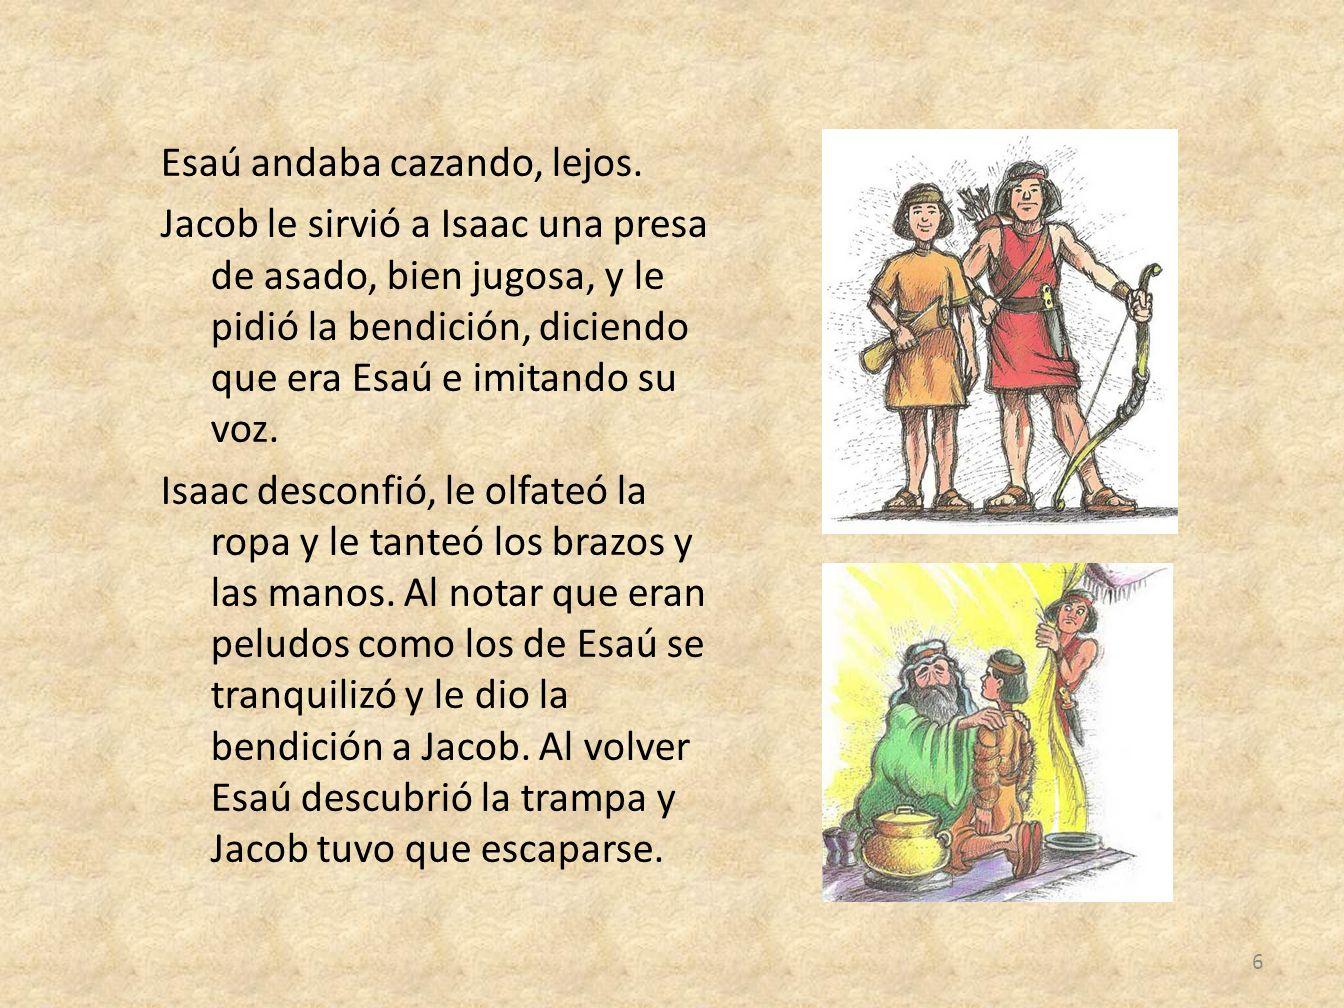 Esaú andaba cazando, lejos. Jacob le sirvió a Isaac una presa de asado, bien jugosa, y le pidió la bendición, diciendo que era Esaú e imitando su voz.